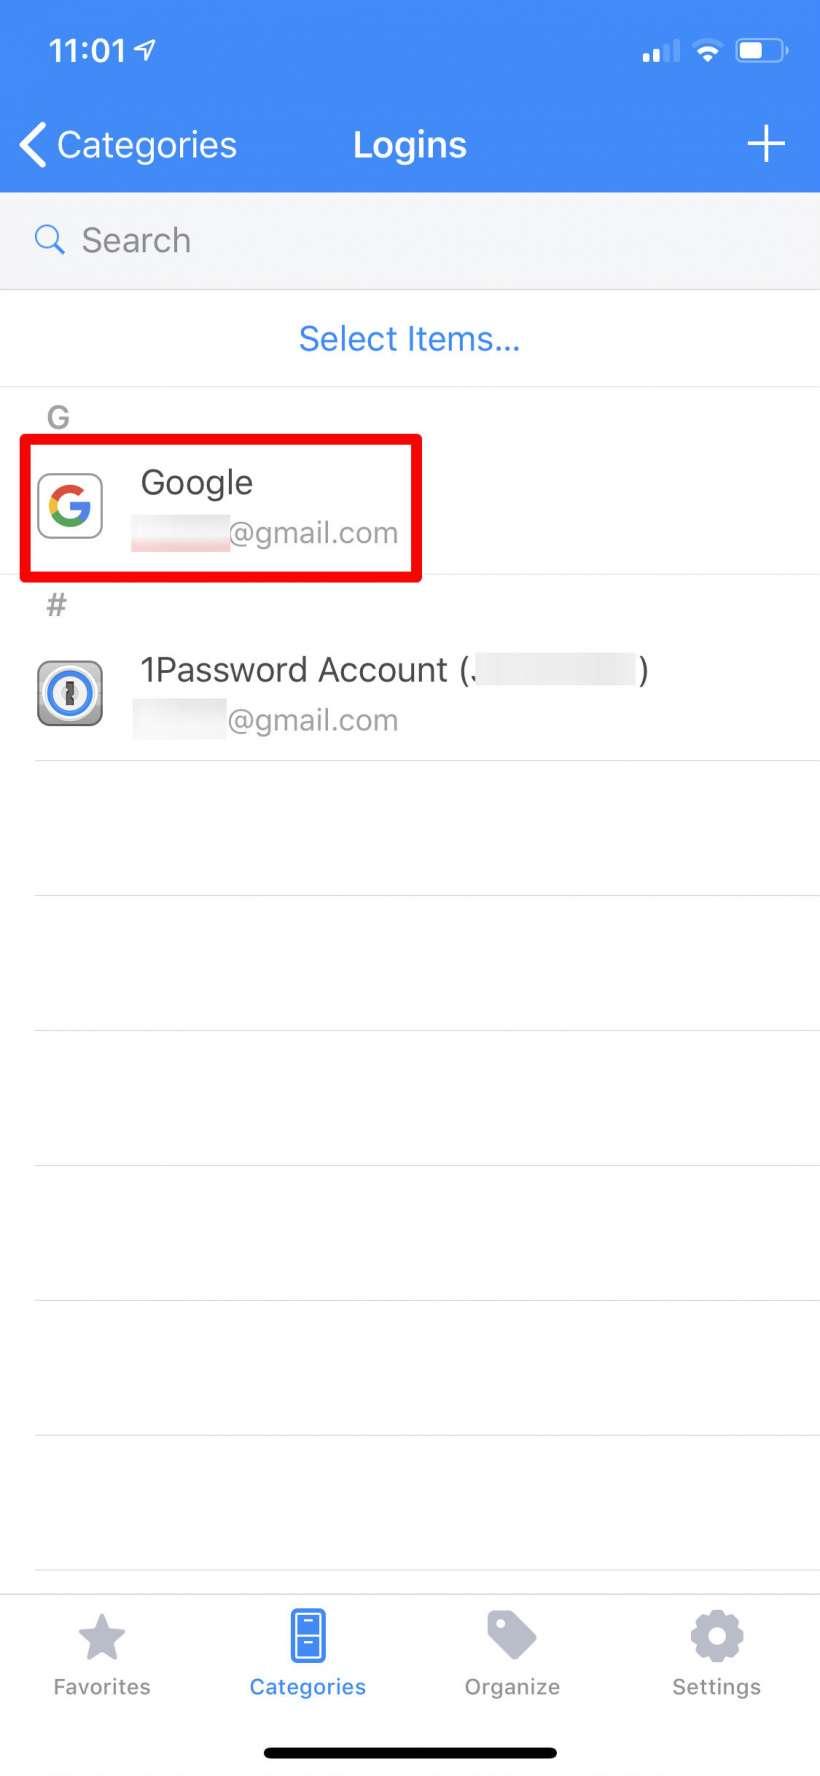 Cómo empezar a utilizar 1Password para gestionar sus inicios de sesión y contraseñas iPhone, iPad y Mac.